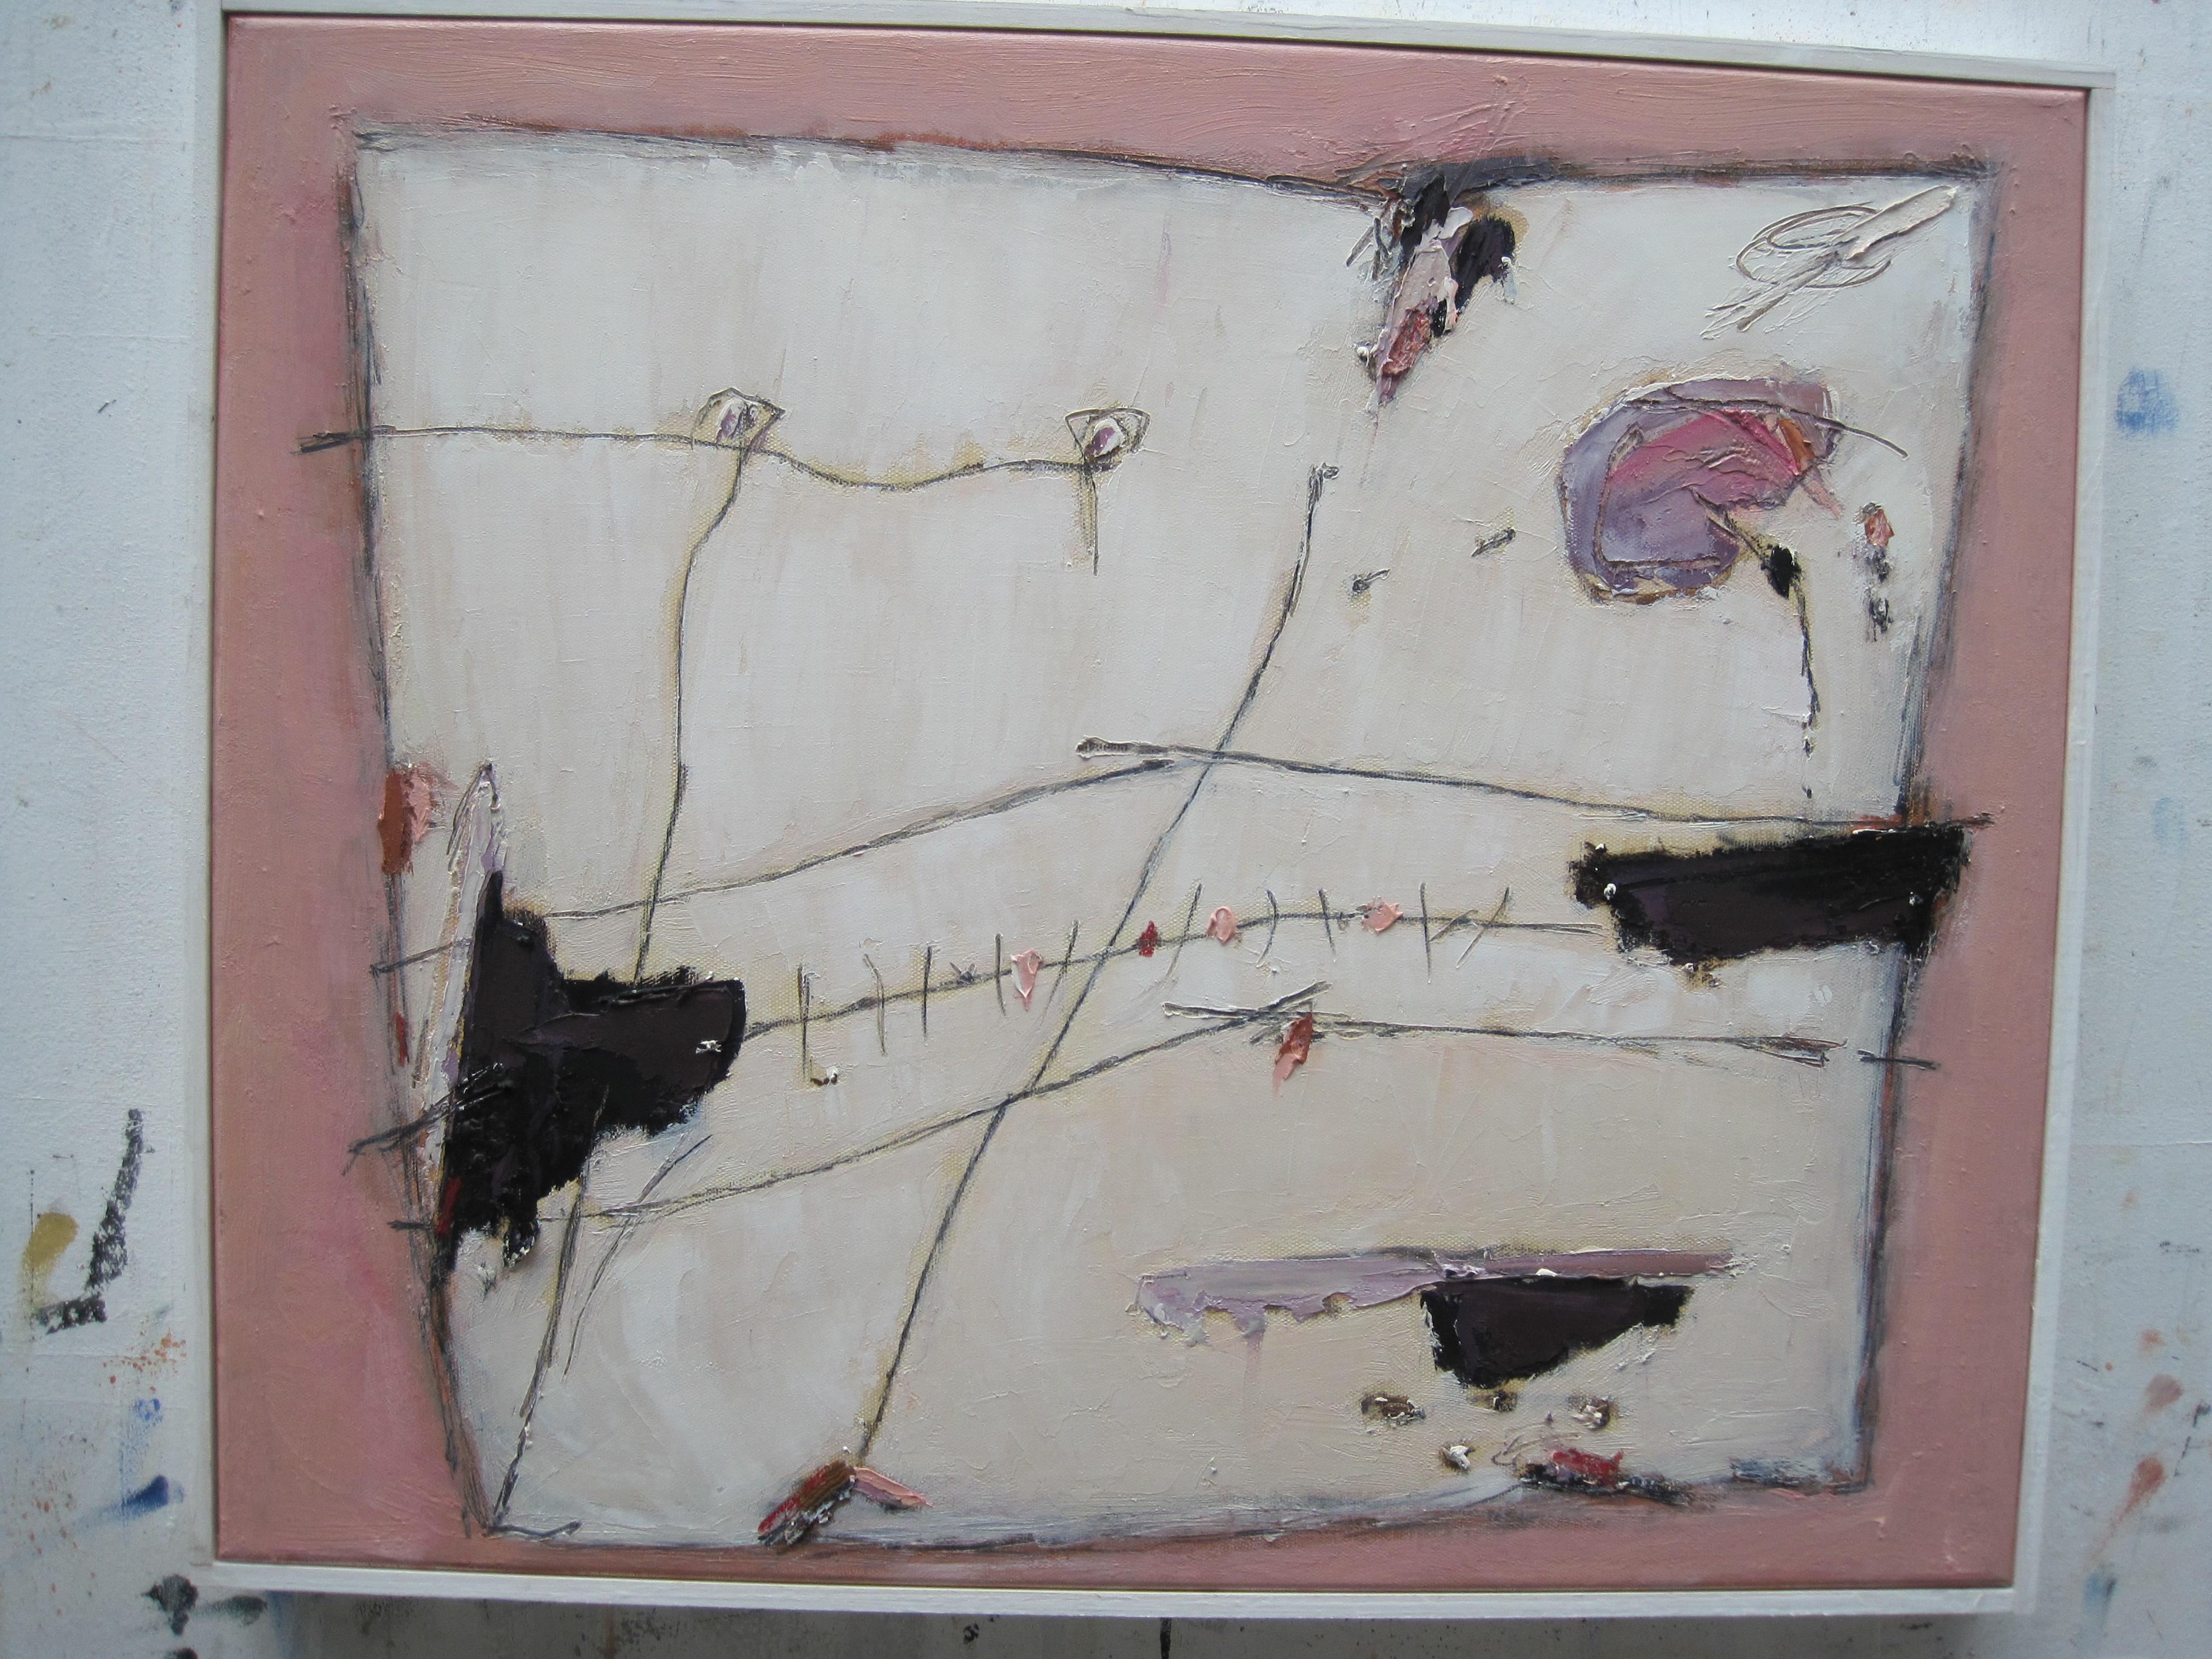 Josef Ebnöther, Malerei, Gespielt